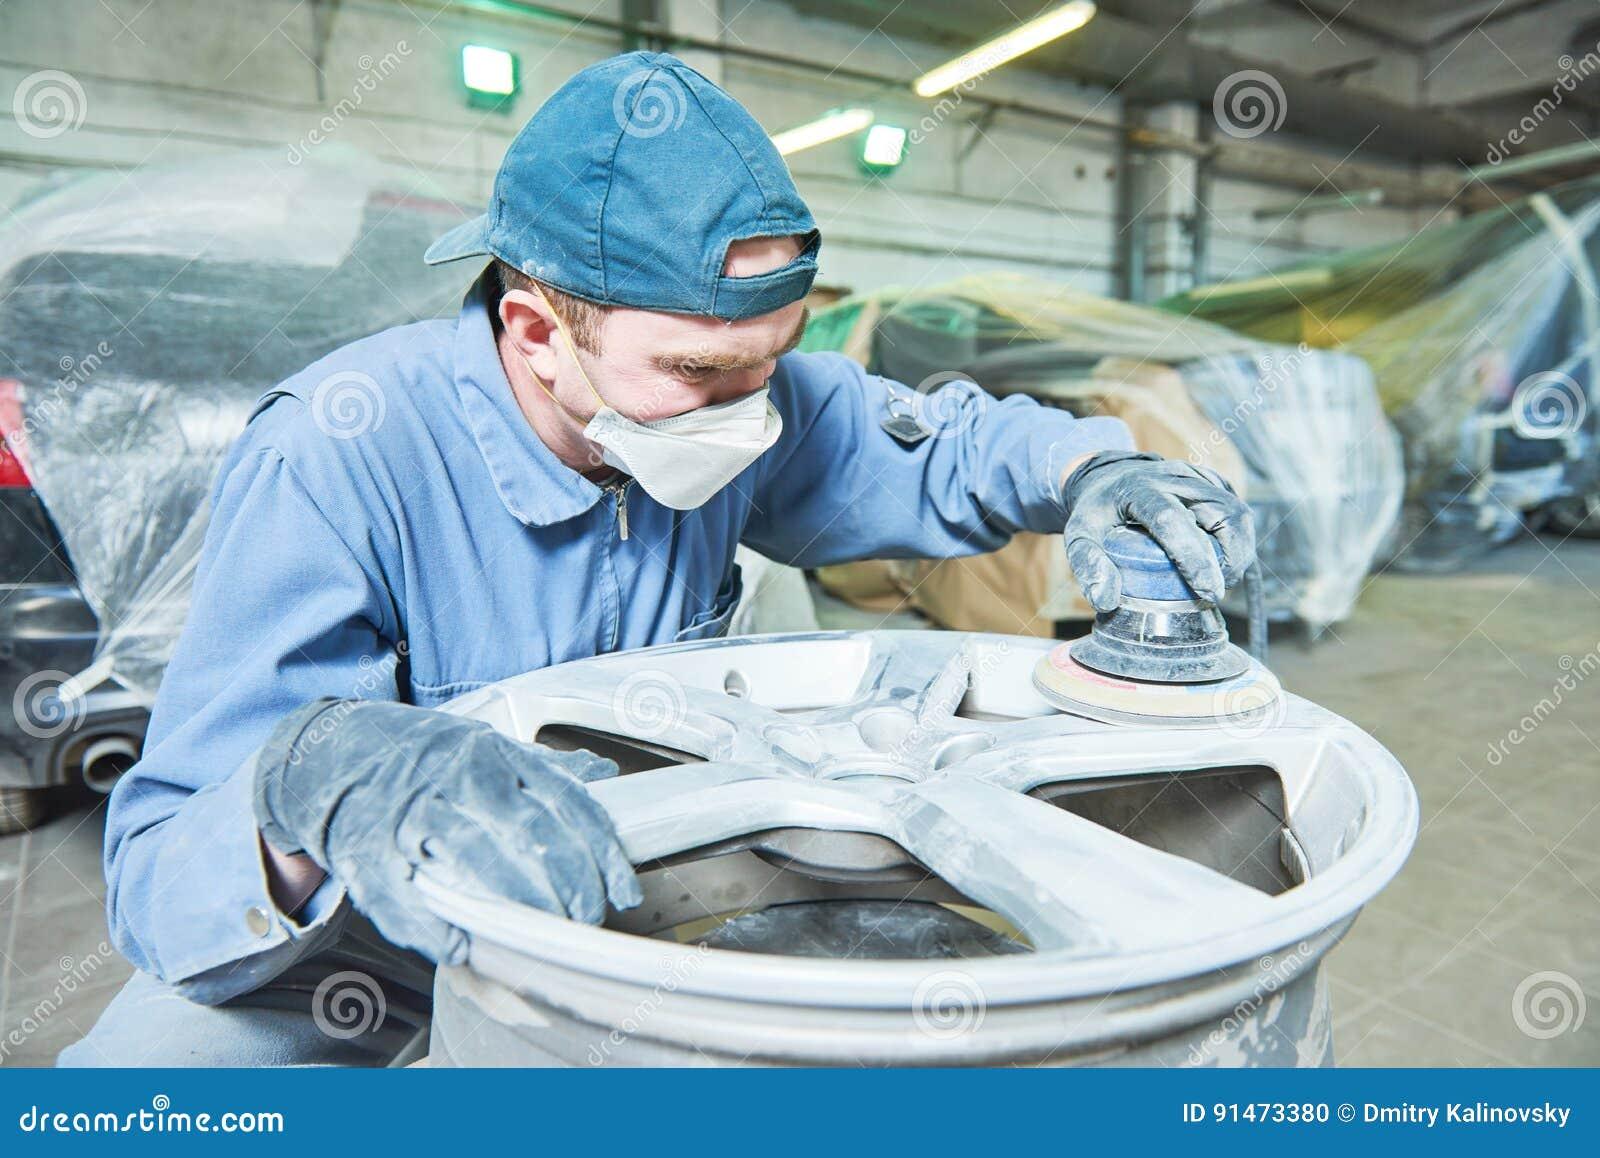 Отремонтируйте работника механика с оправой диска колеса автомобиля светлого сплава